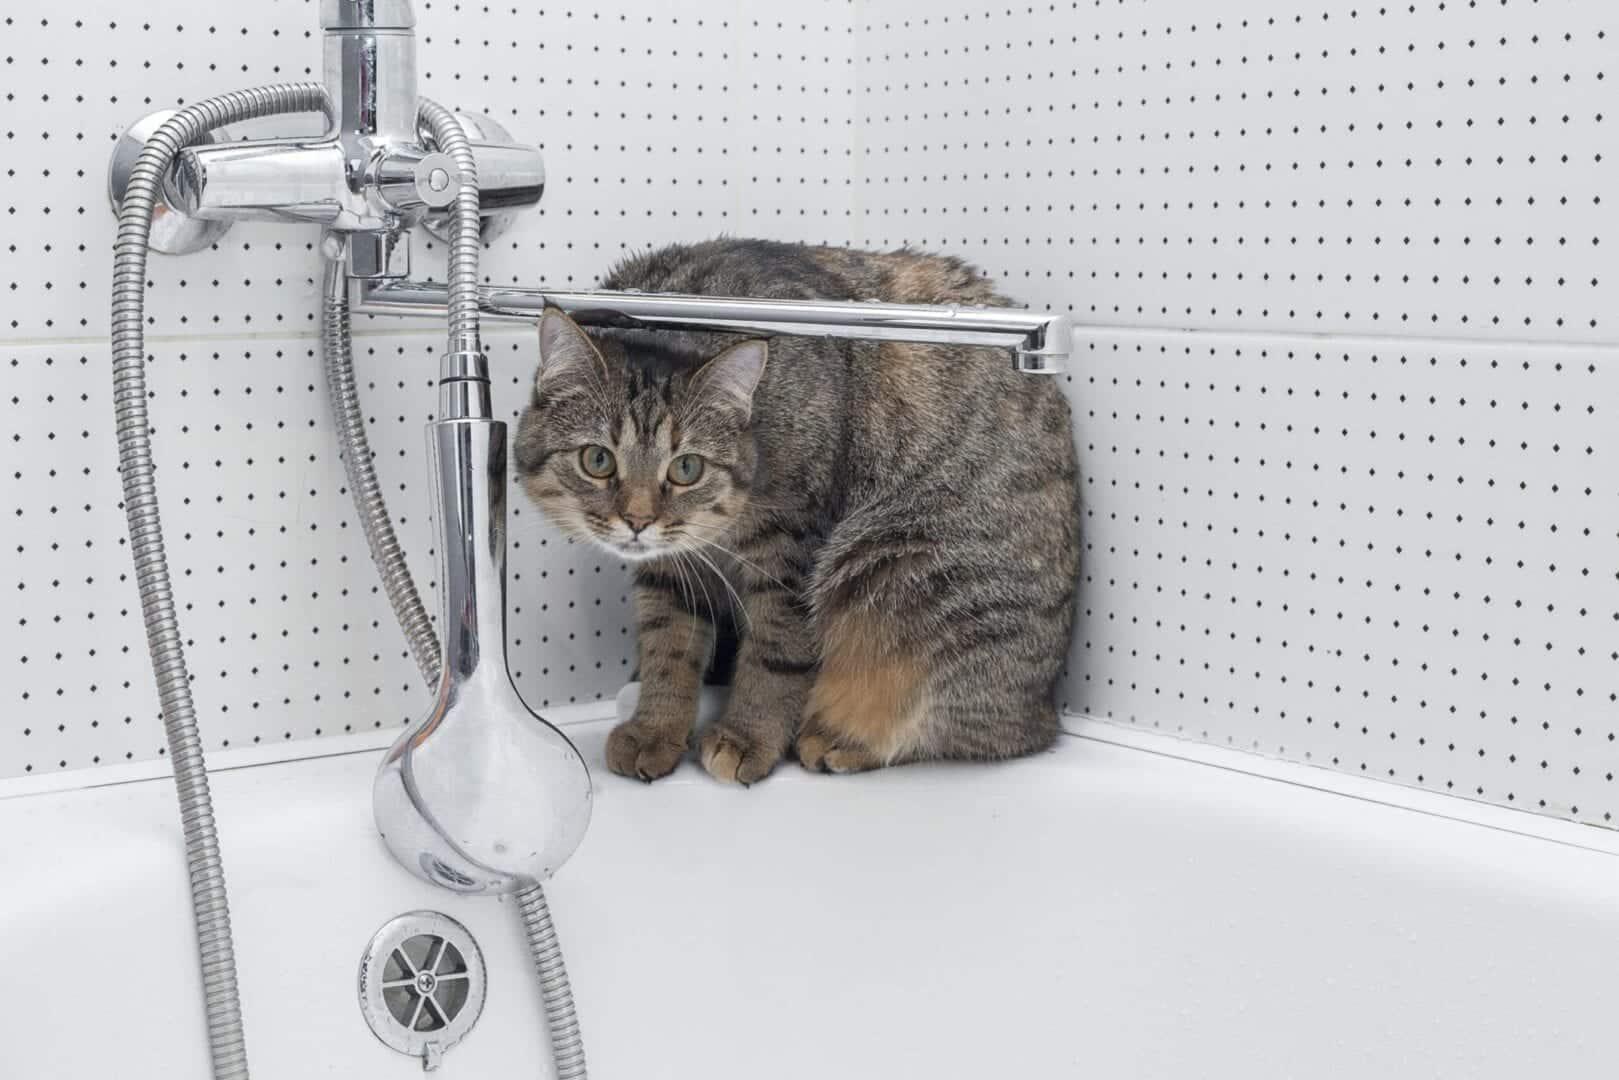 poop in tub